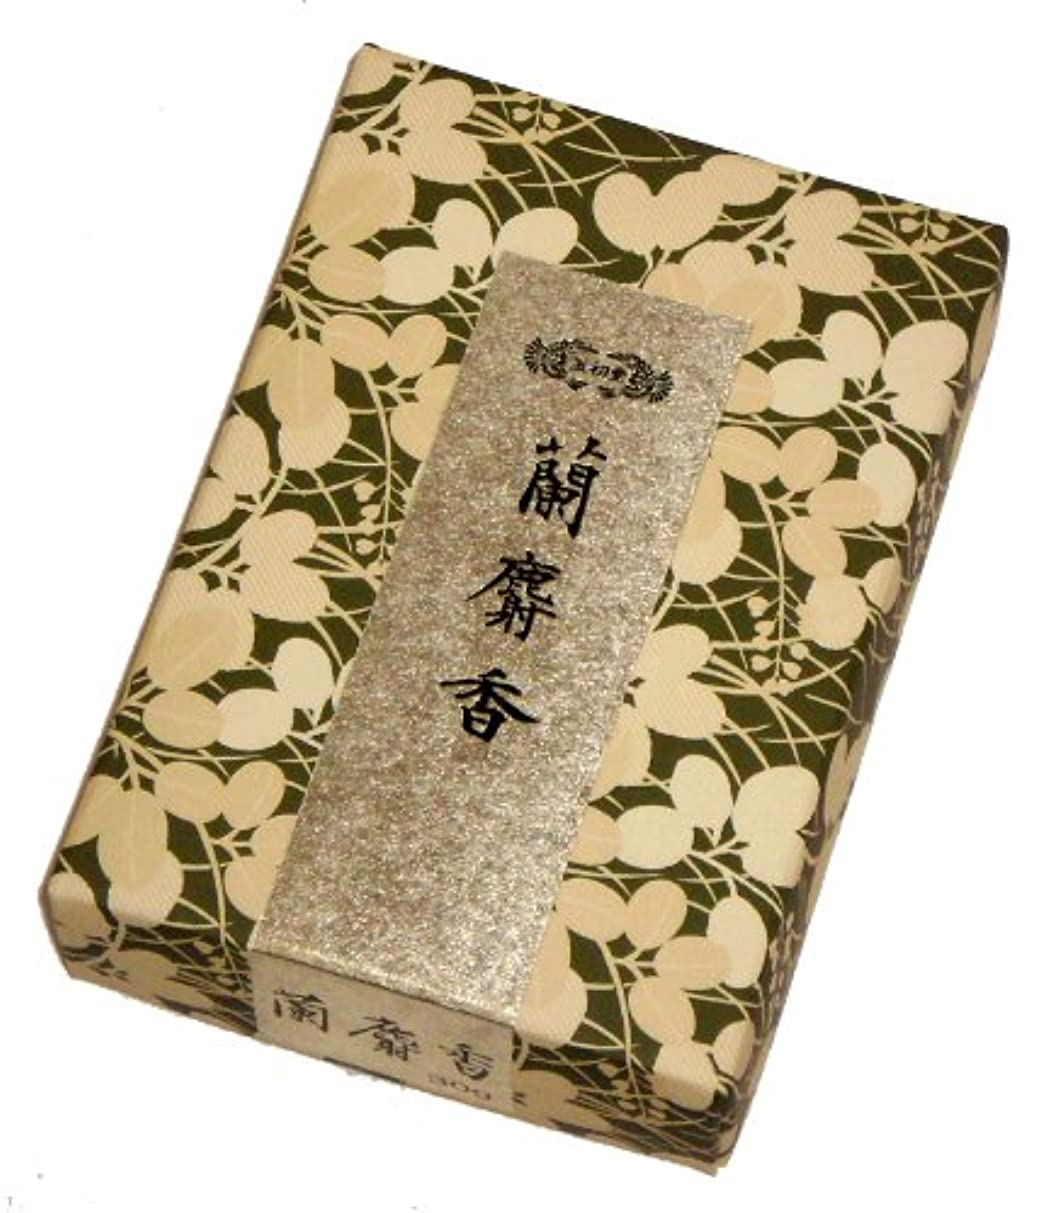 顎キリスト教幽霊玉初堂のお香 蘭麝香 30g #625